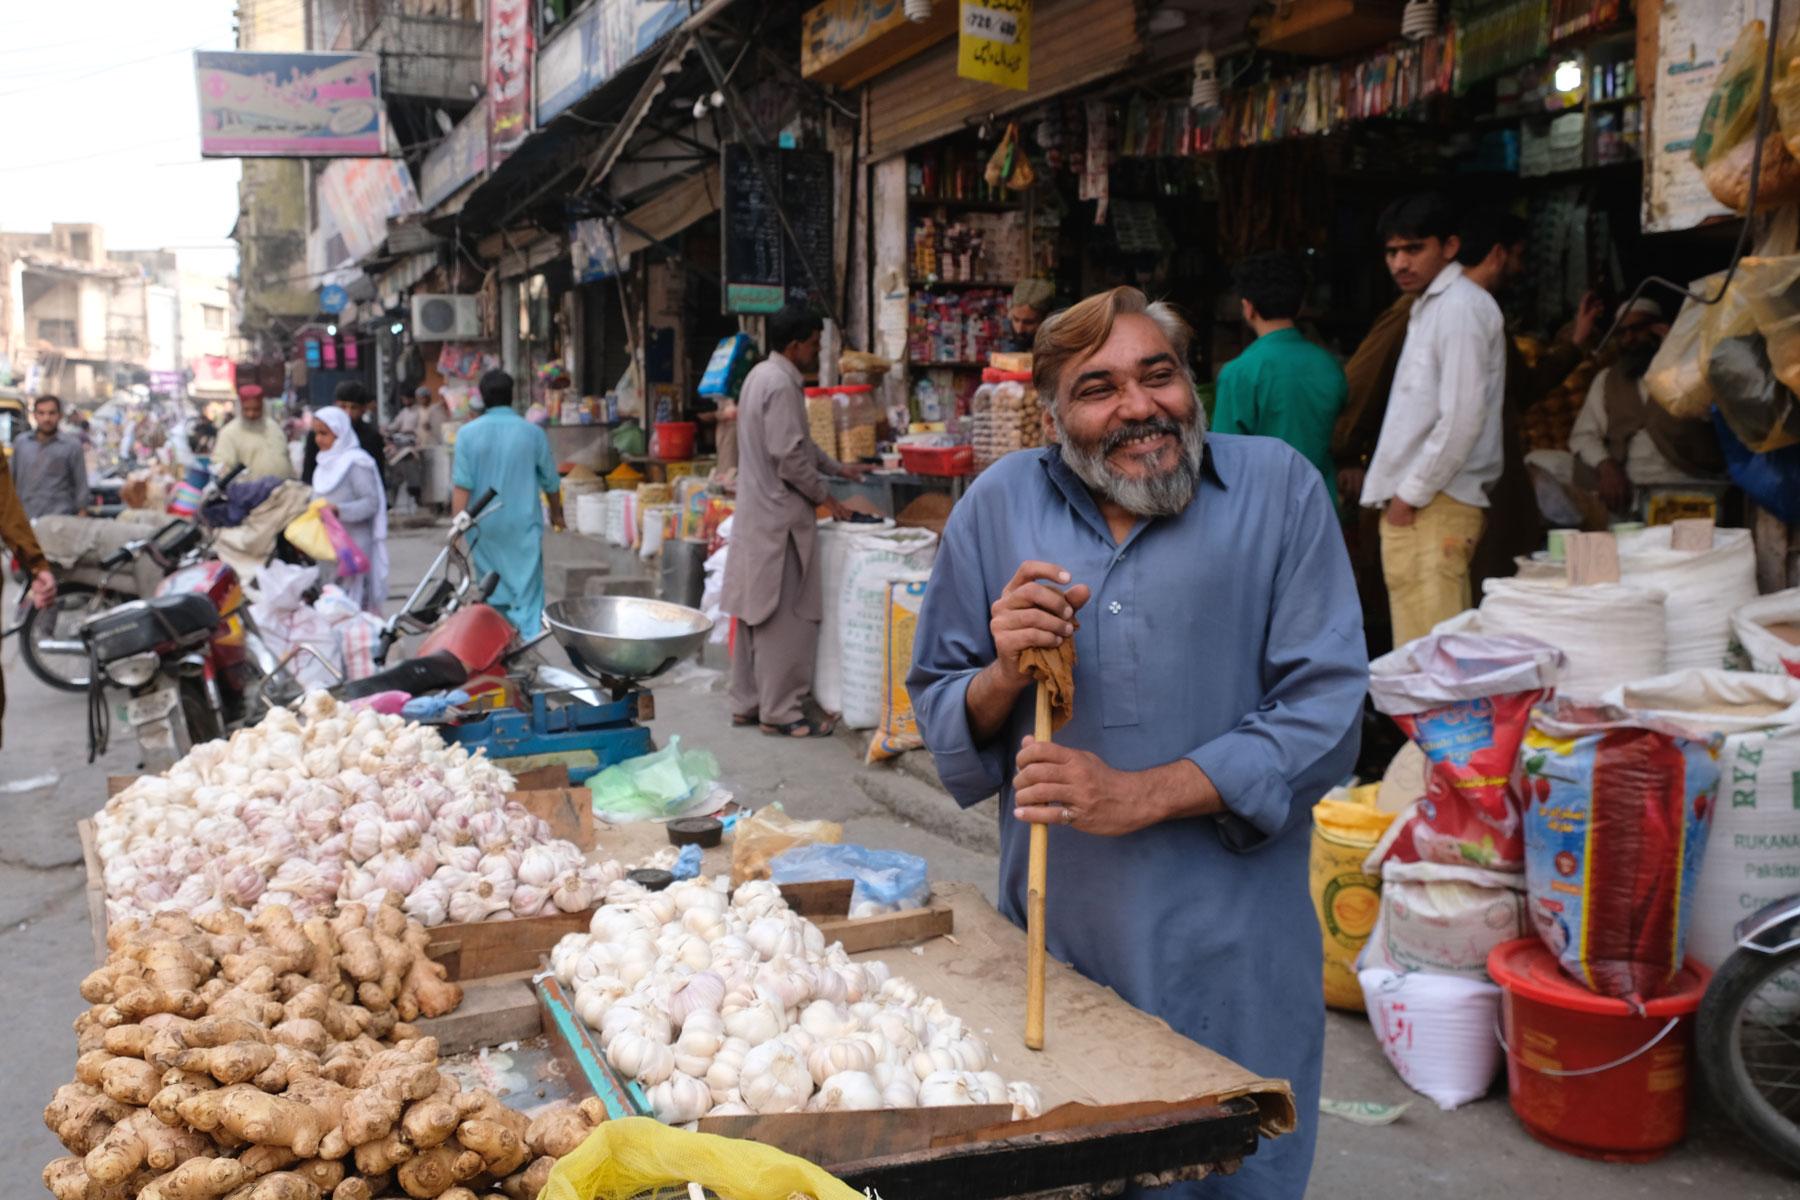 Dieser nette Mann verkauft Knoblauch und Ingwer und hatte uns um ein Foto von ihm gebeten...